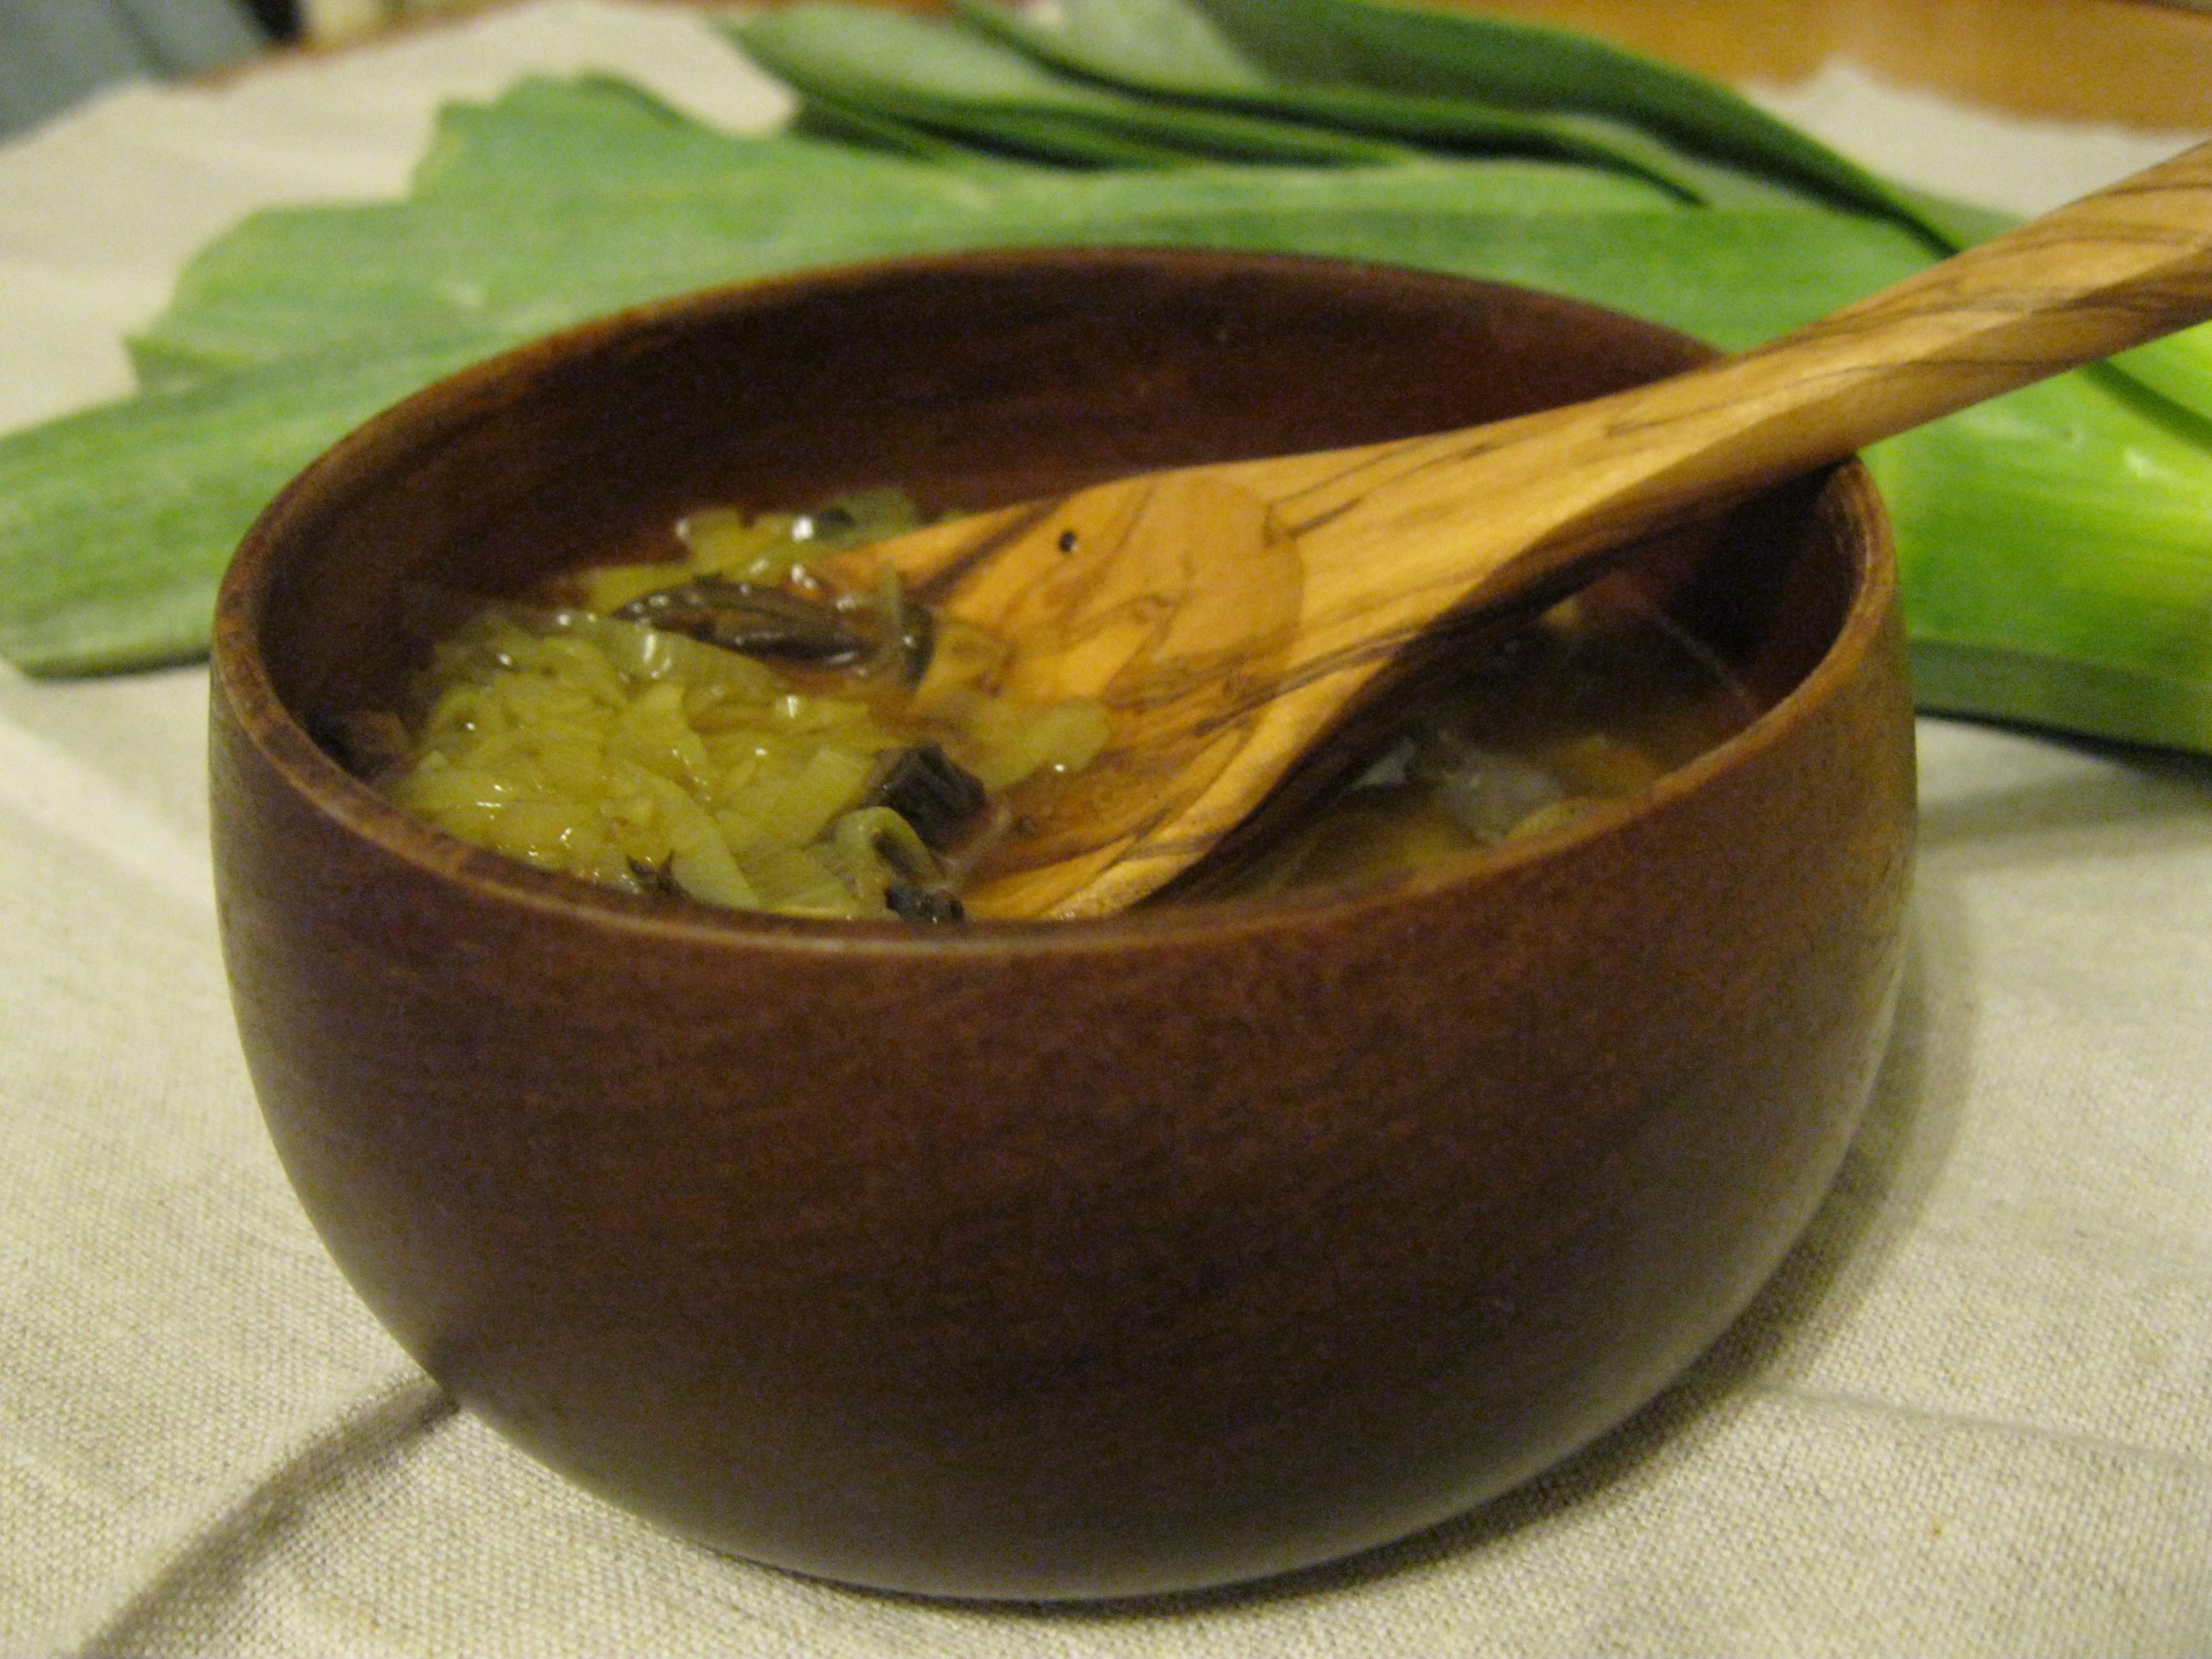 Mutton leek soup